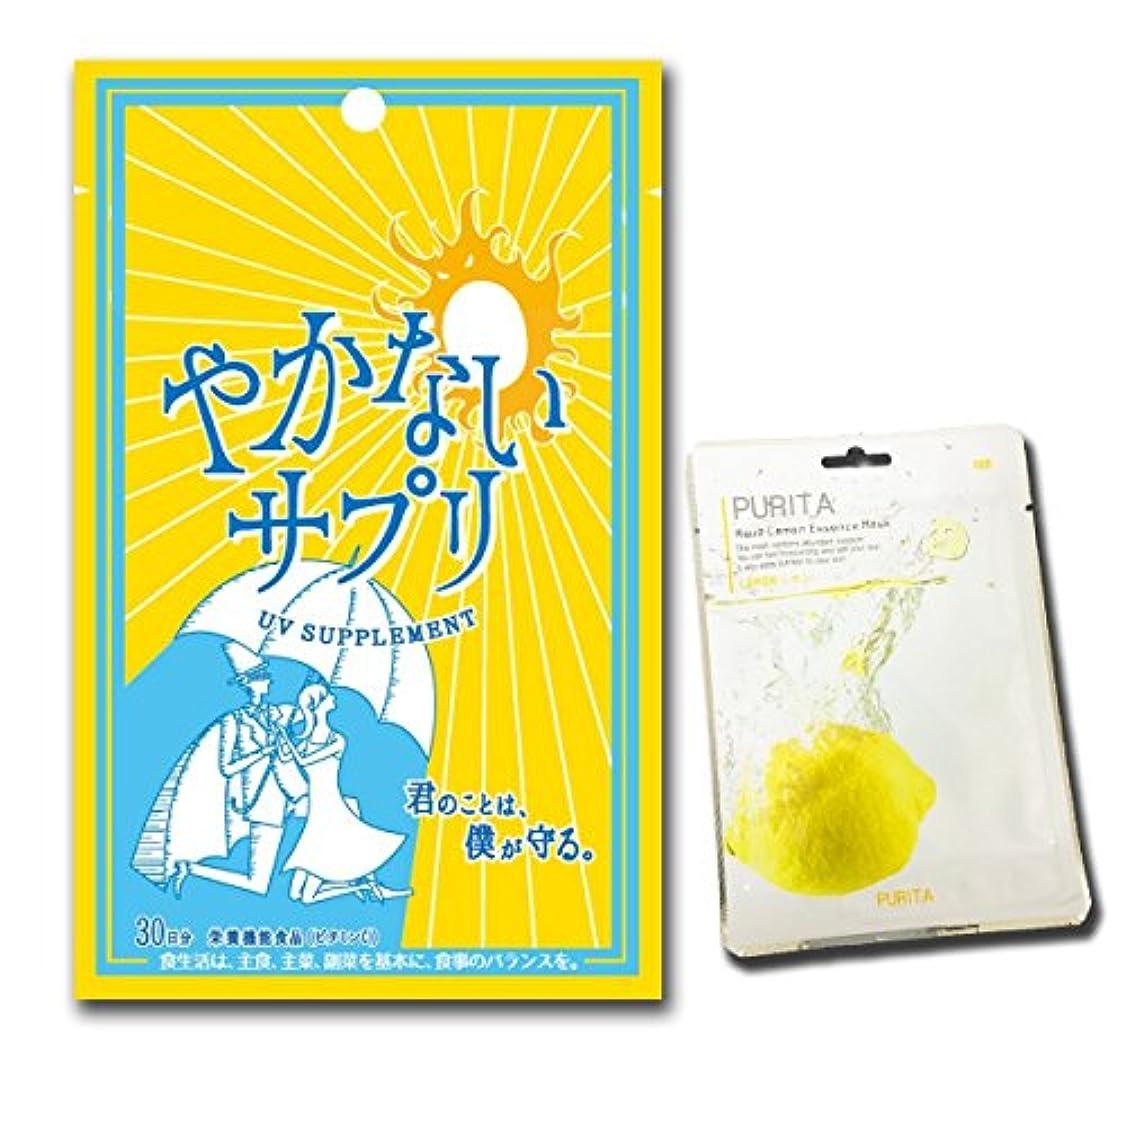 不安定な平等アスペクト飲む日焼け止め やかないサプリ 日本製 (30粒/30日分) PURITAフェイスマスク1枚付